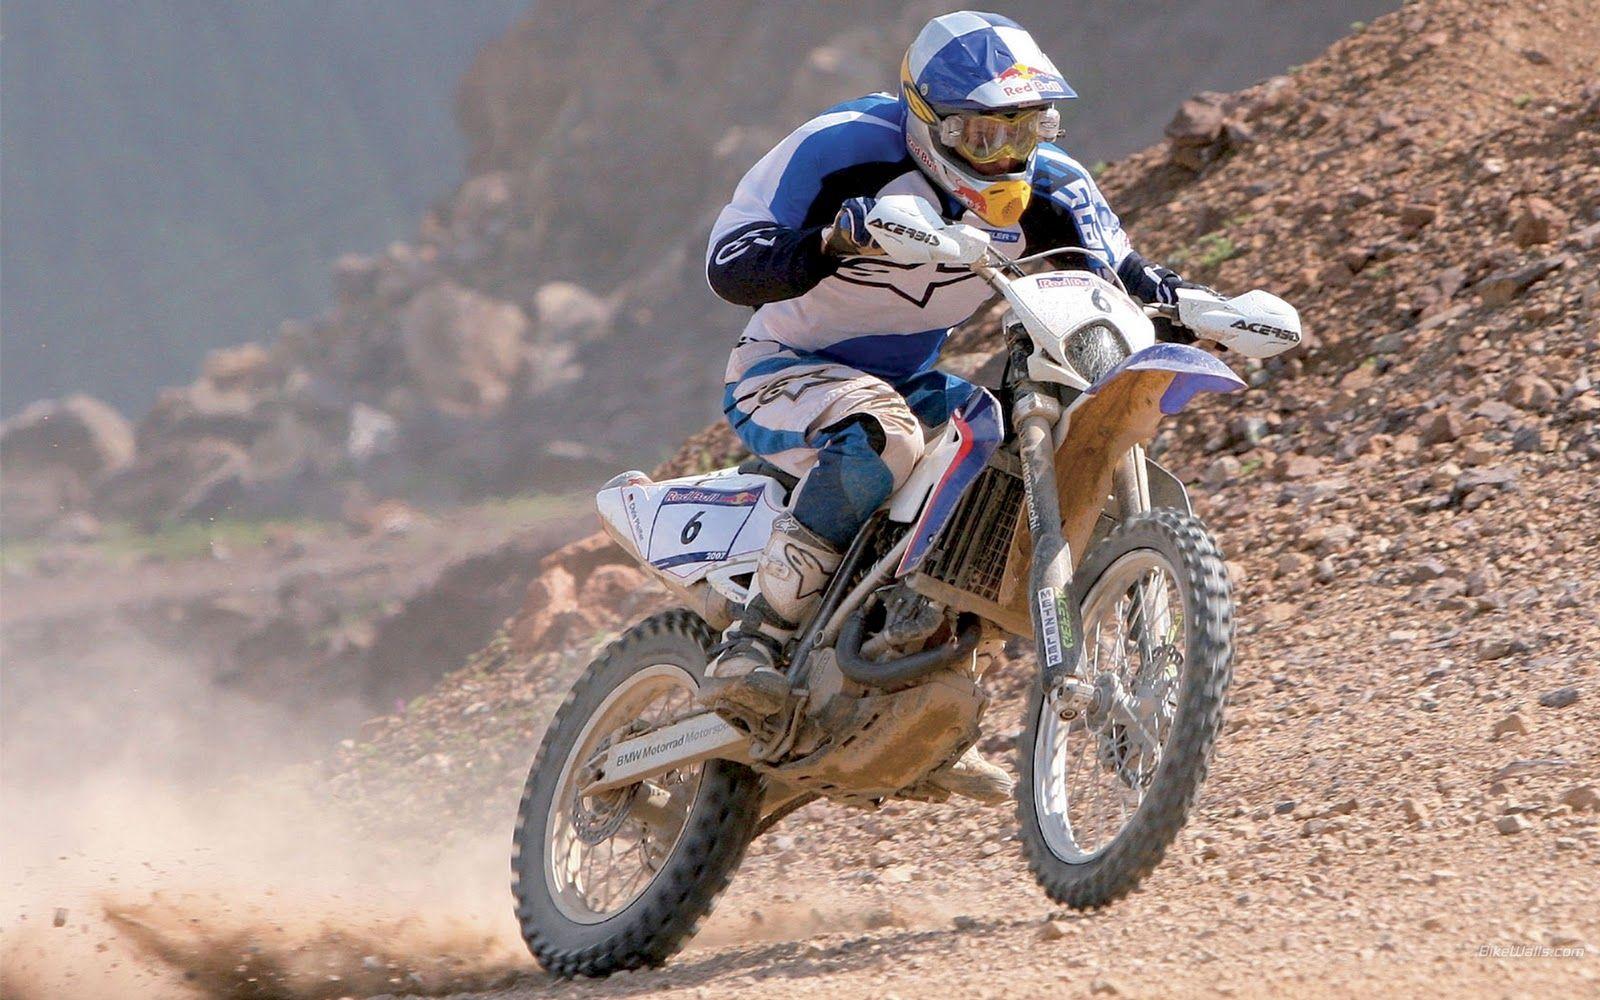 Motorcycle Dirt Bike